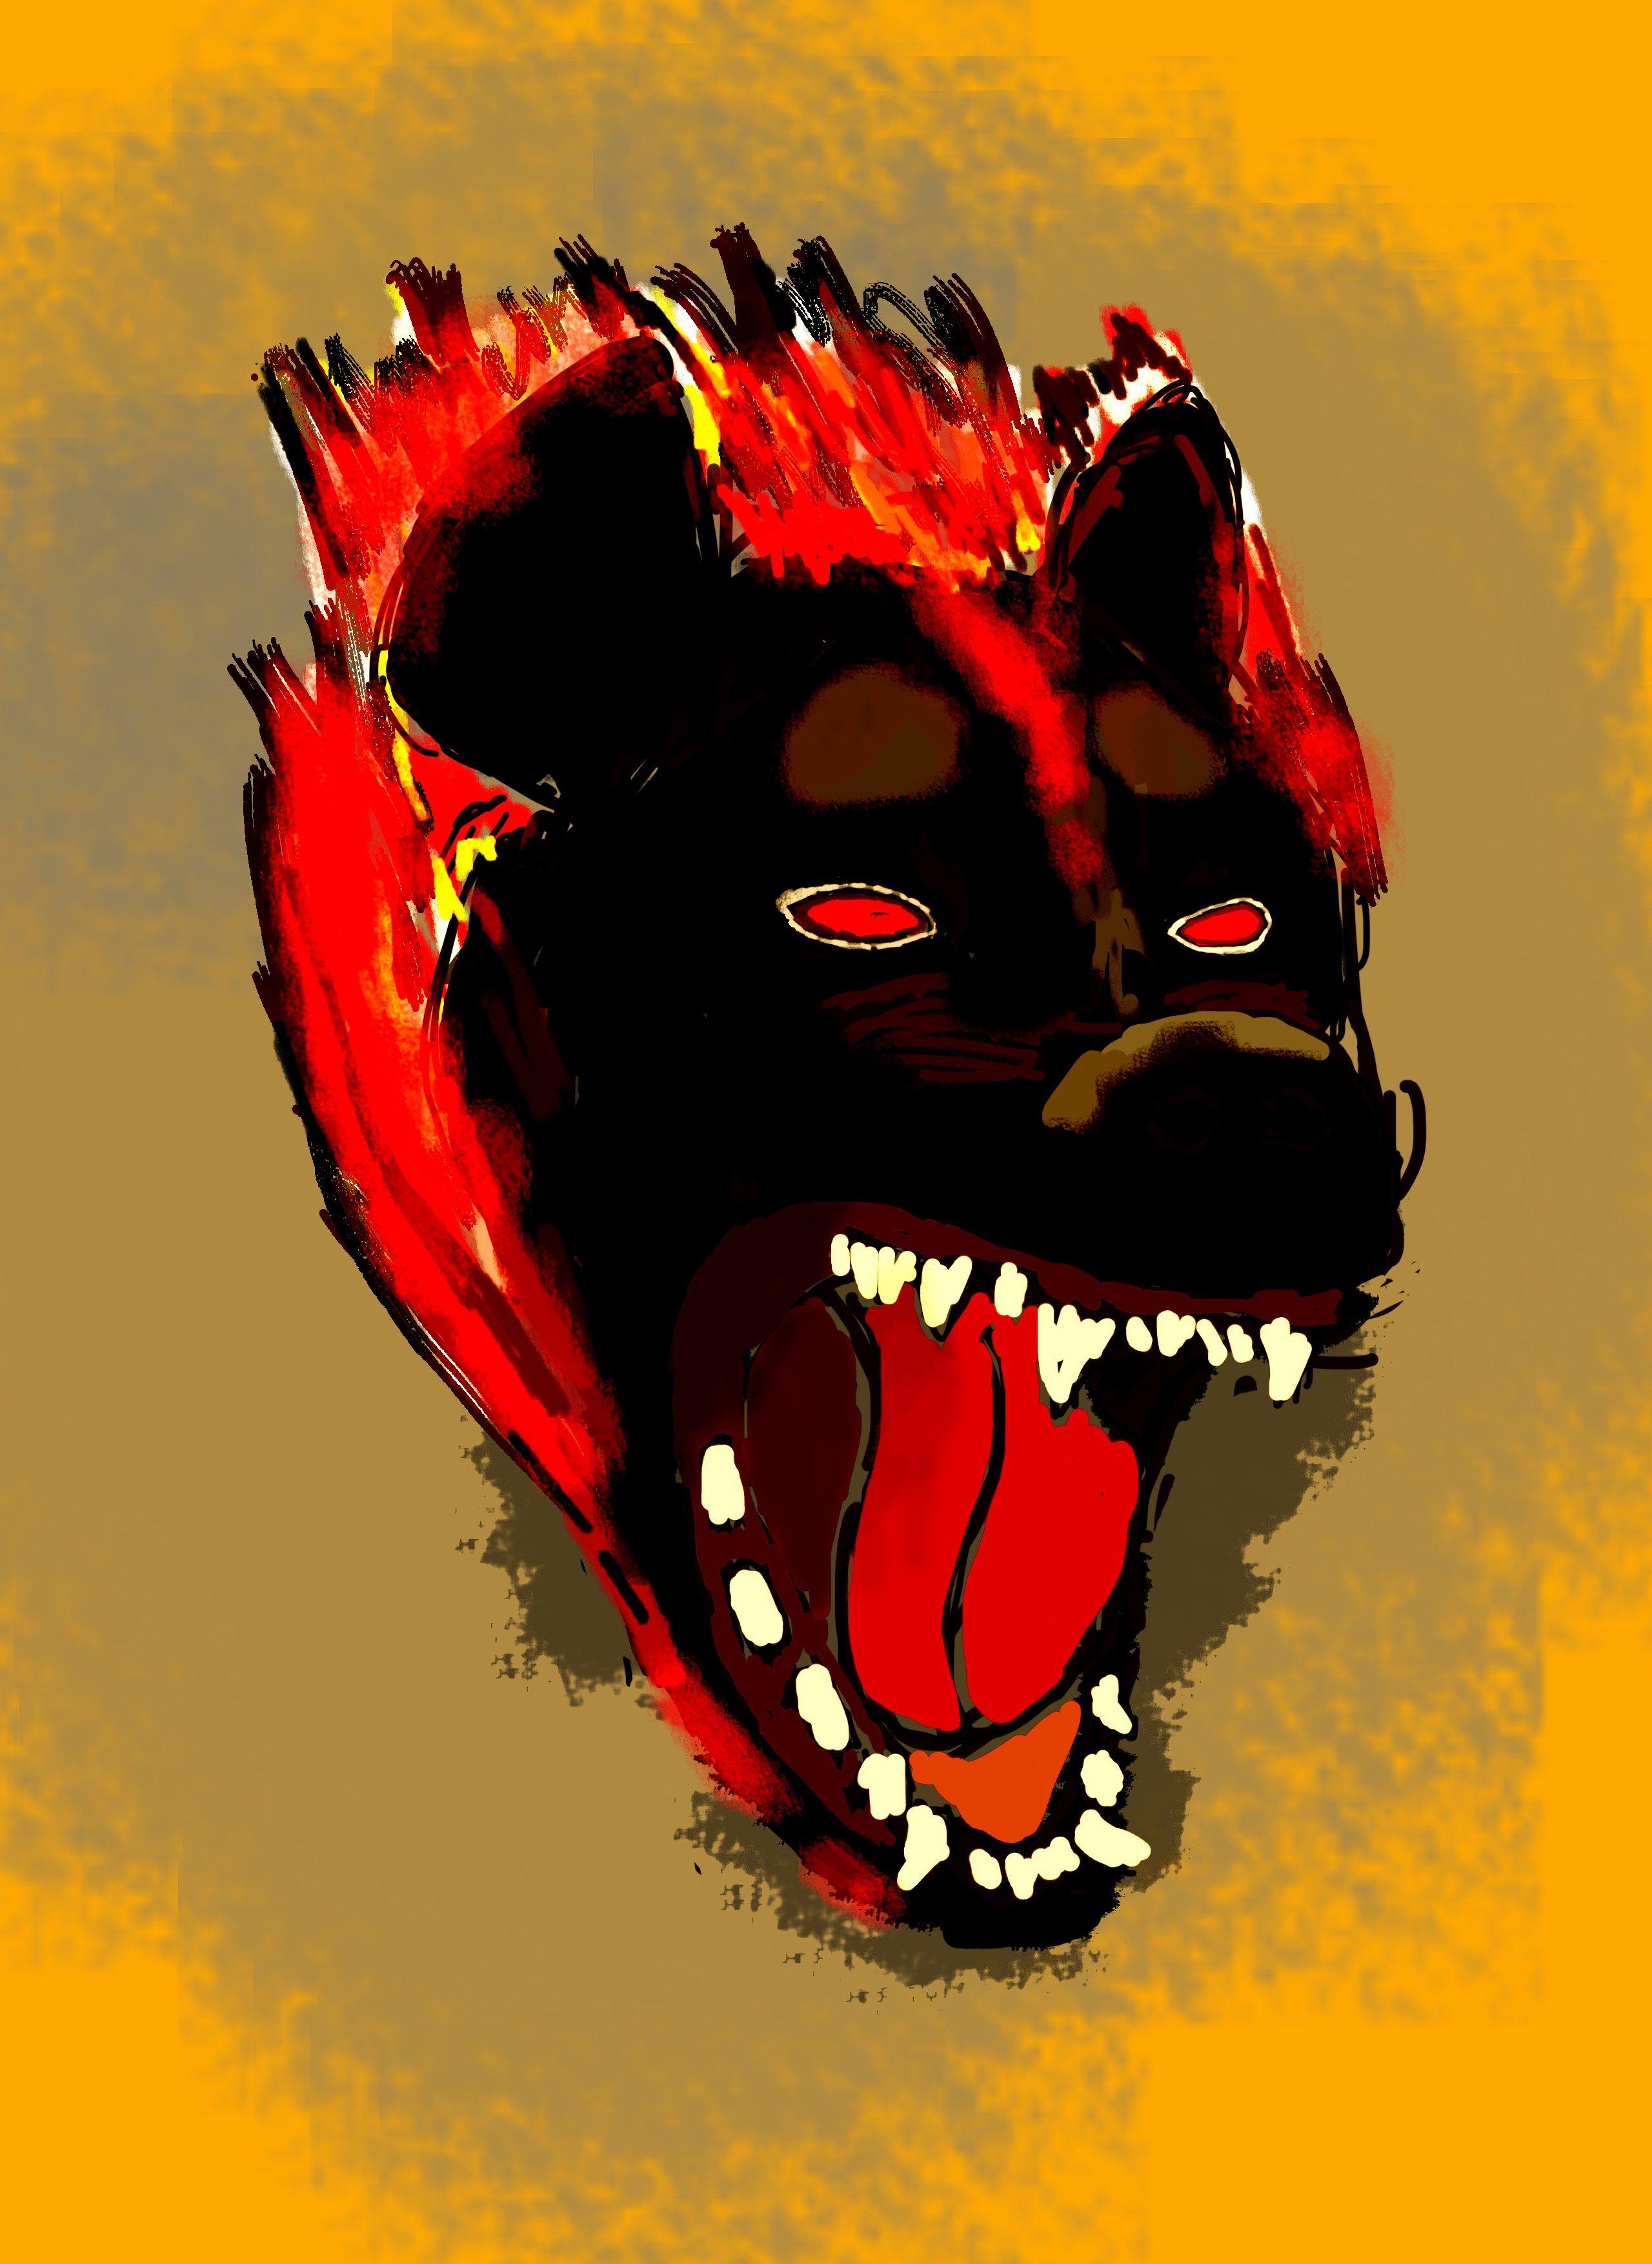 Лицо войны - пёс войны  - Изображение 1